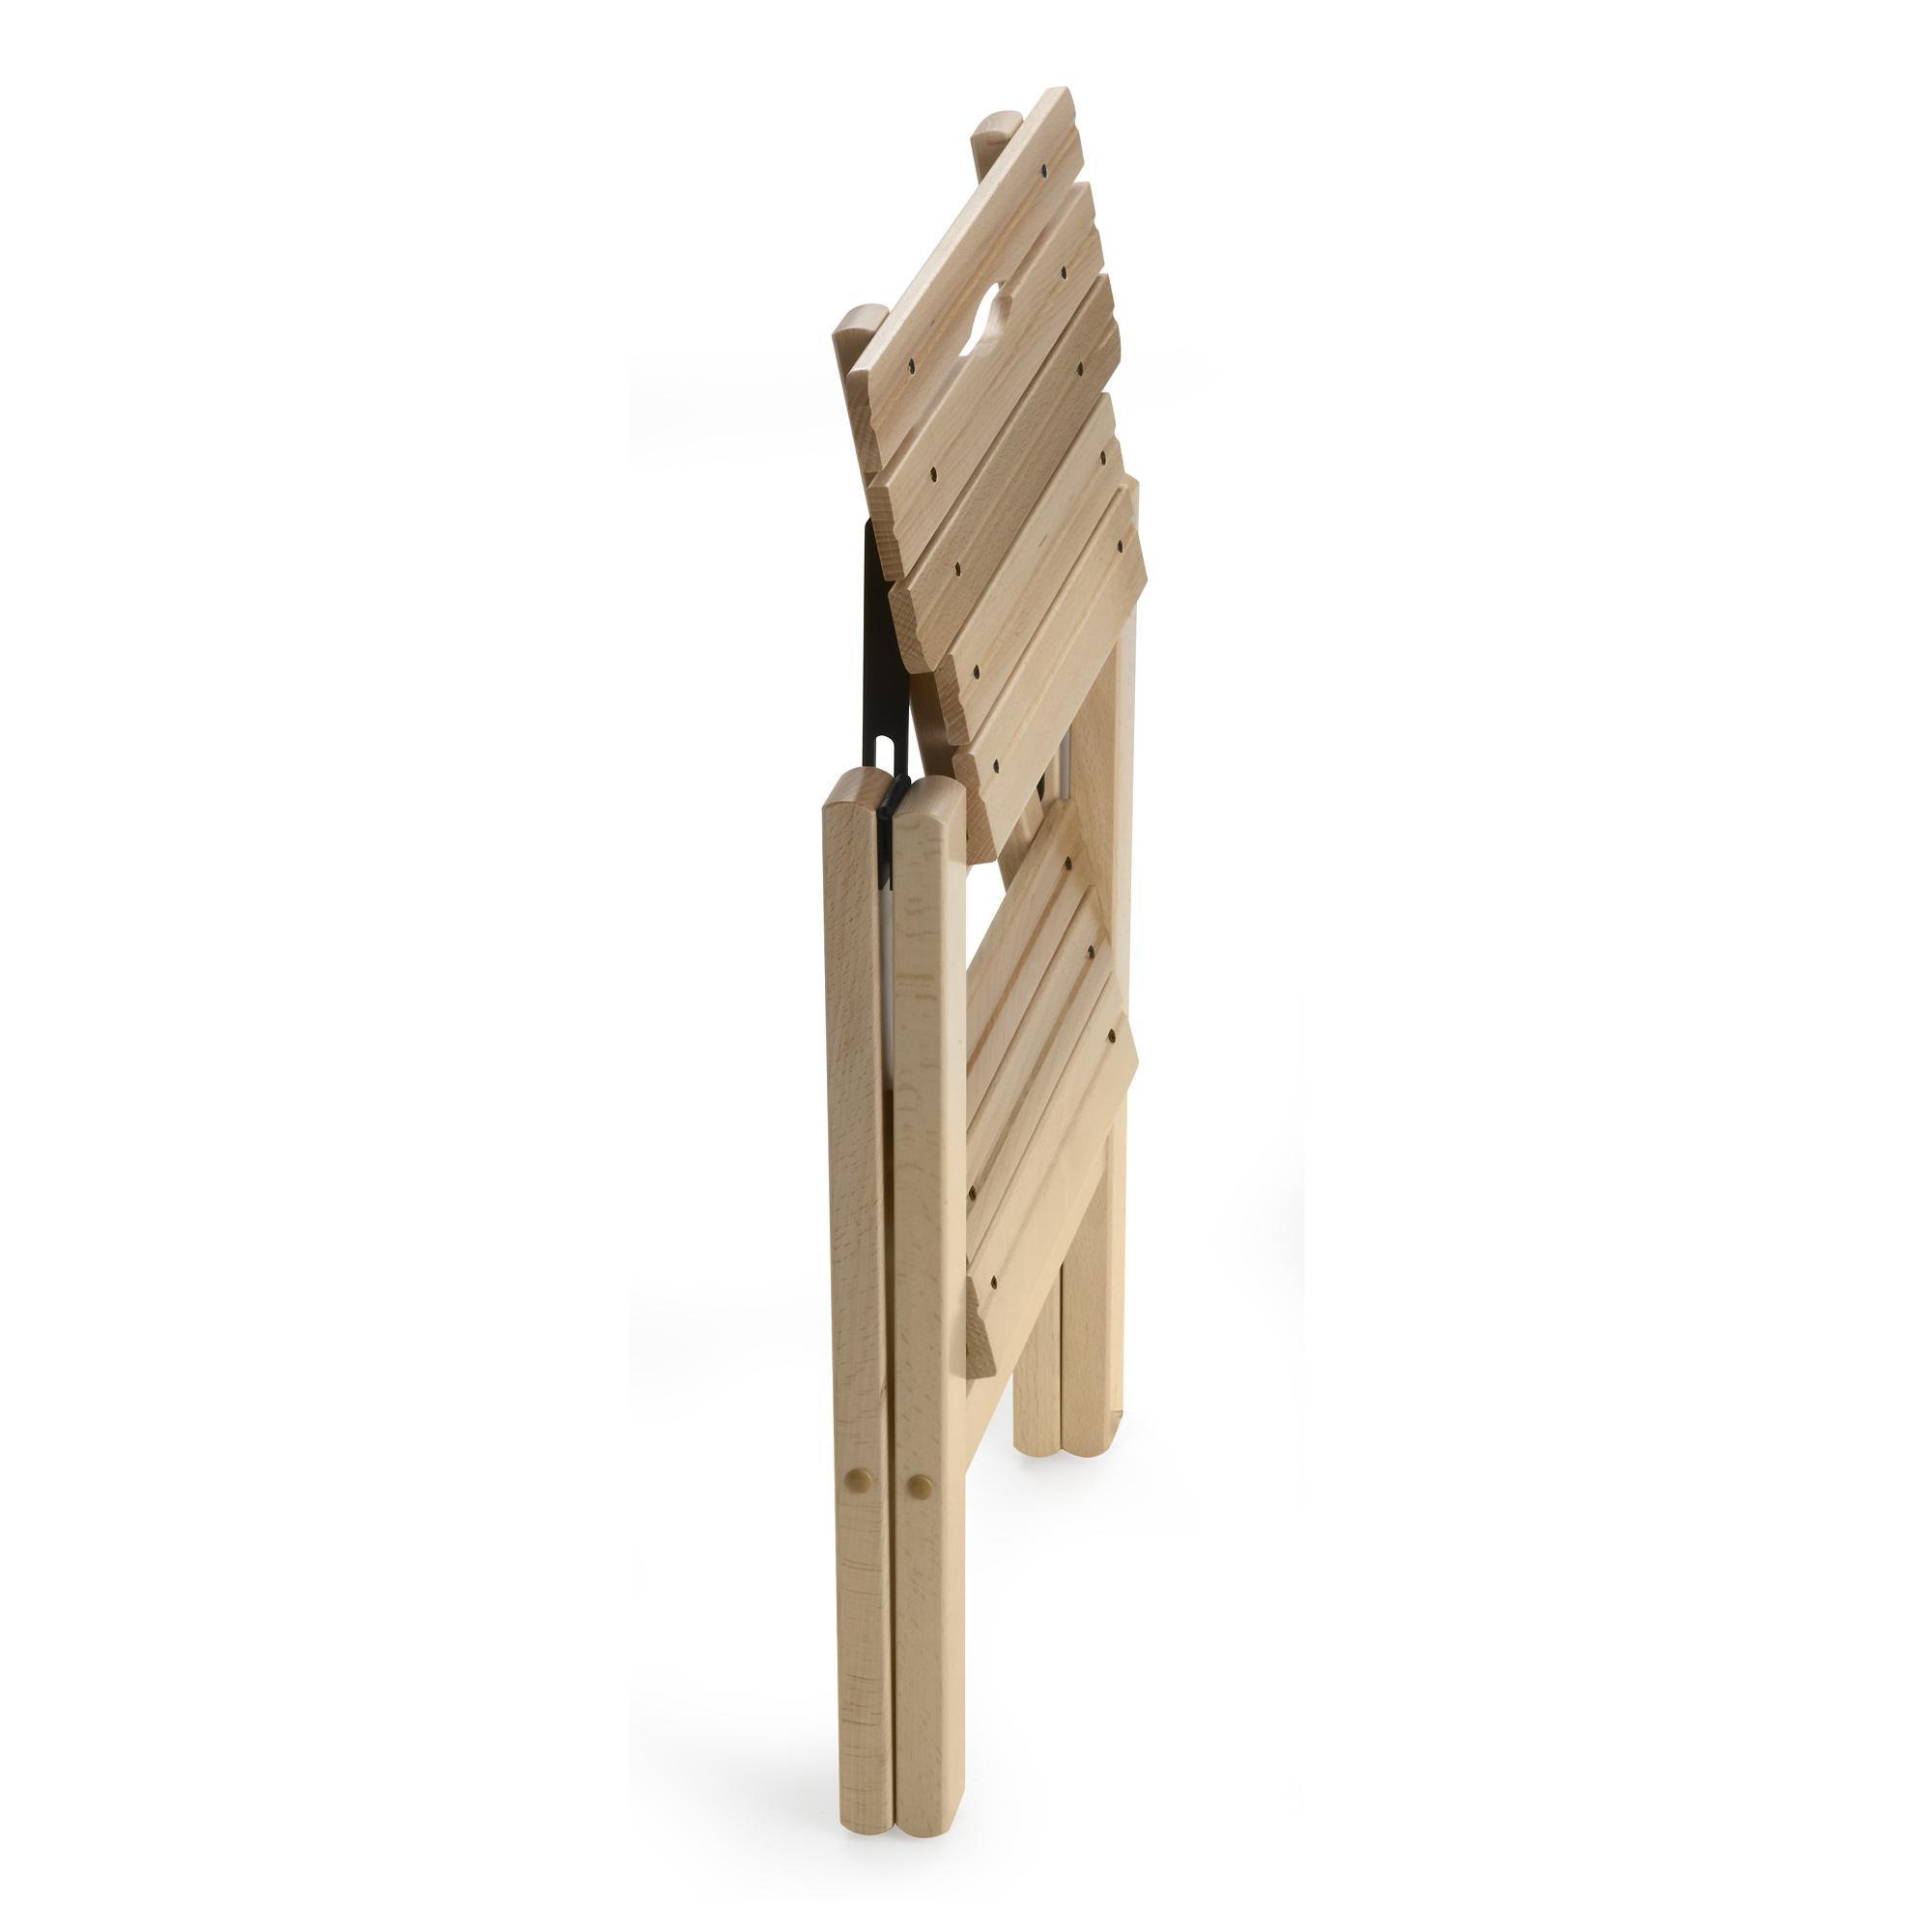 Sgabello due gradini in legno massiccio richiudibile BIBLIO 2 430x450x470mm Peso 2.9Kg Naturale | Aris Italy